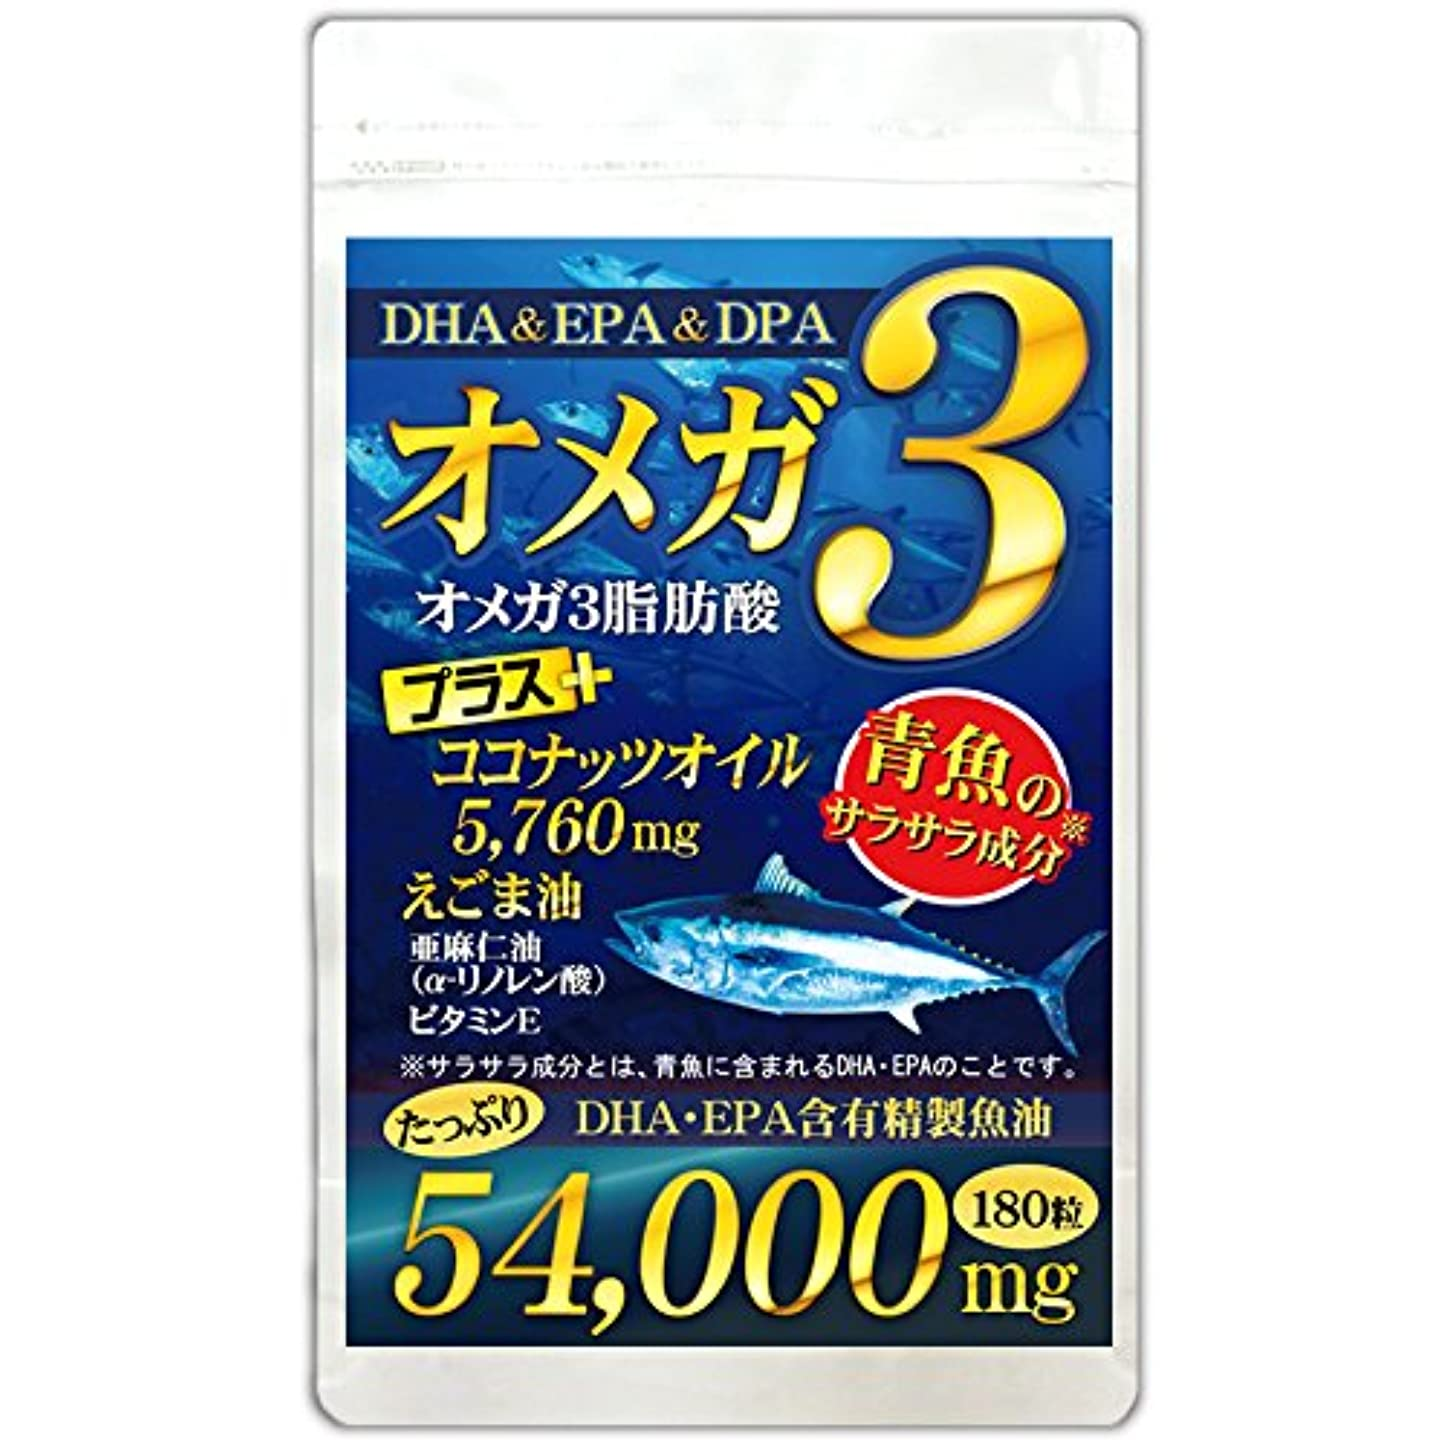 罪人熟読する噴火(大容量:約6ヵ月分/180粒)超高配合!4種オメガ3(DHA+EPA+DPA+α-リノレン酸)+ココナッツオイル